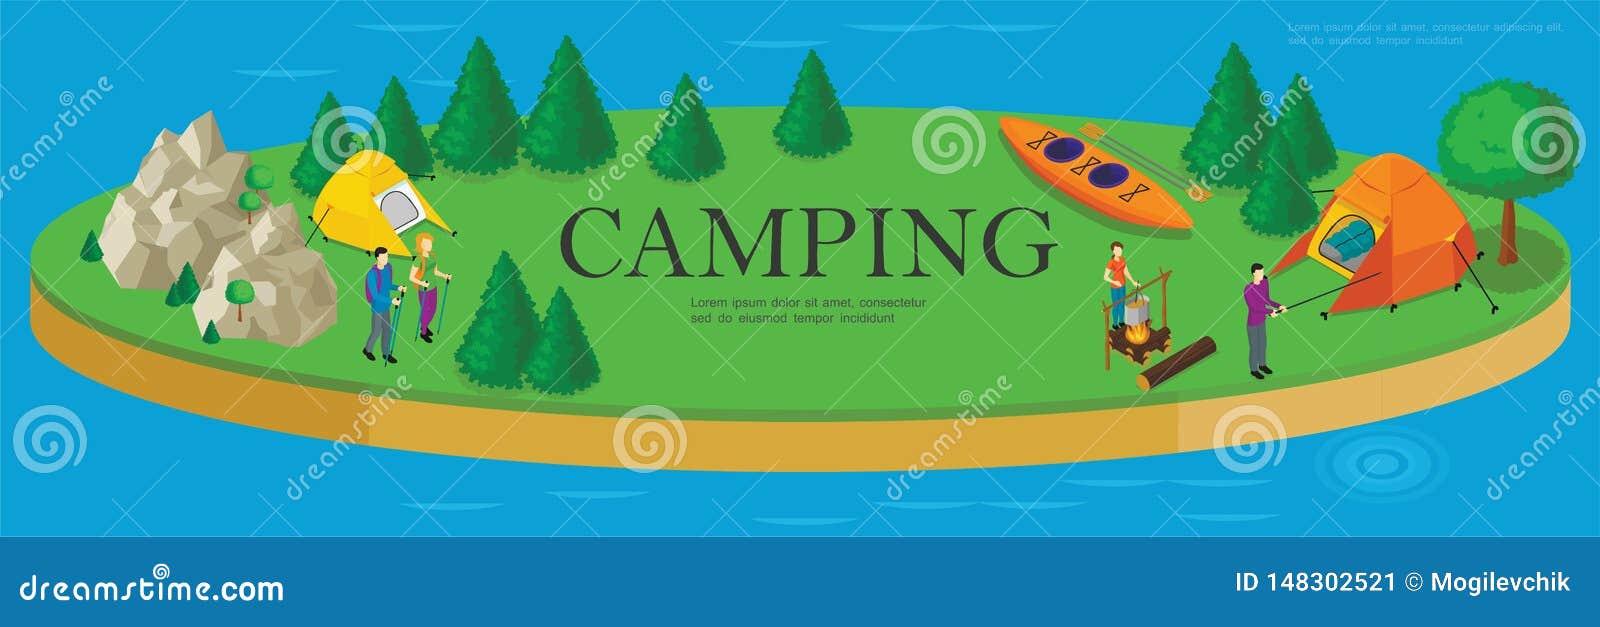 等量野营的和远足的模板